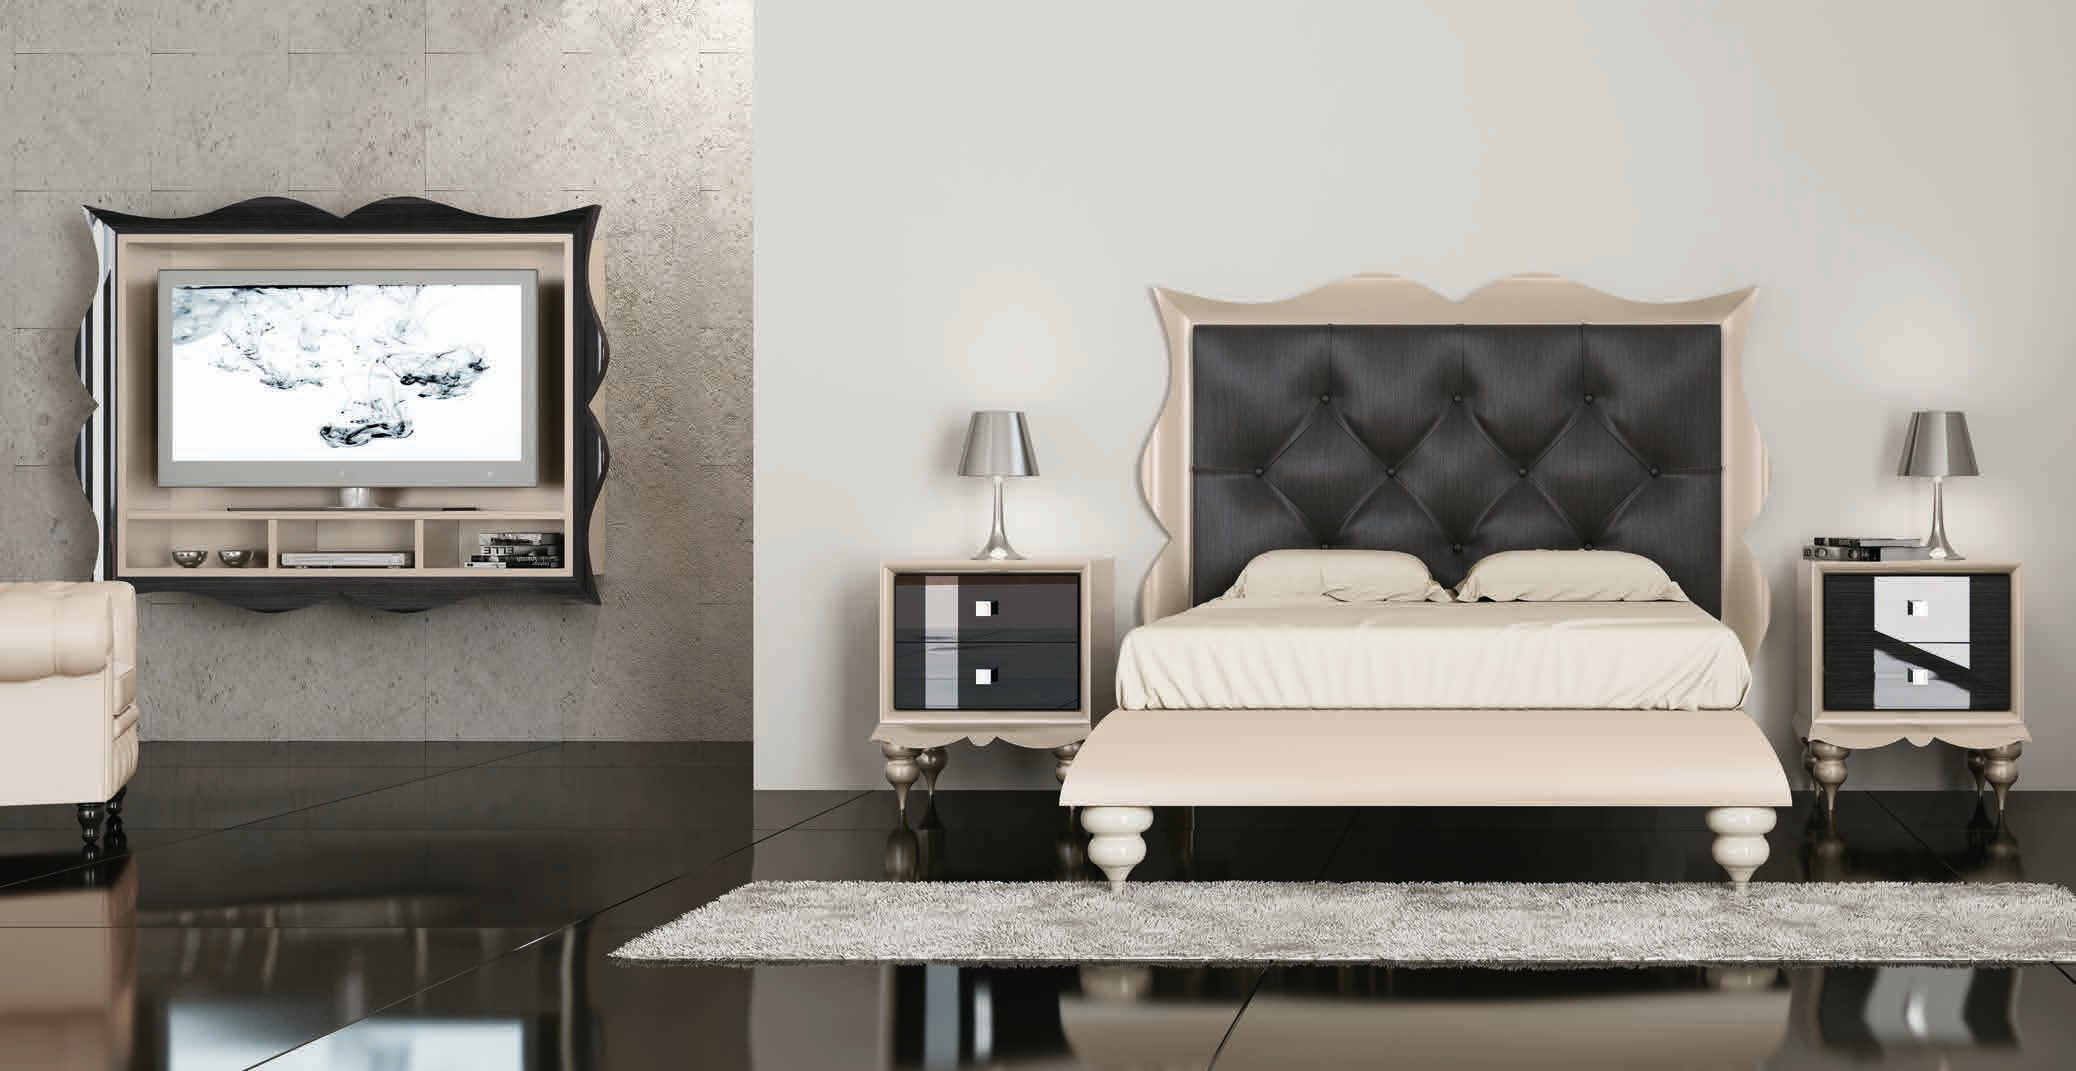 Precio muebles franco furniture nuevos dormitorios y - Franco furniture precios ...